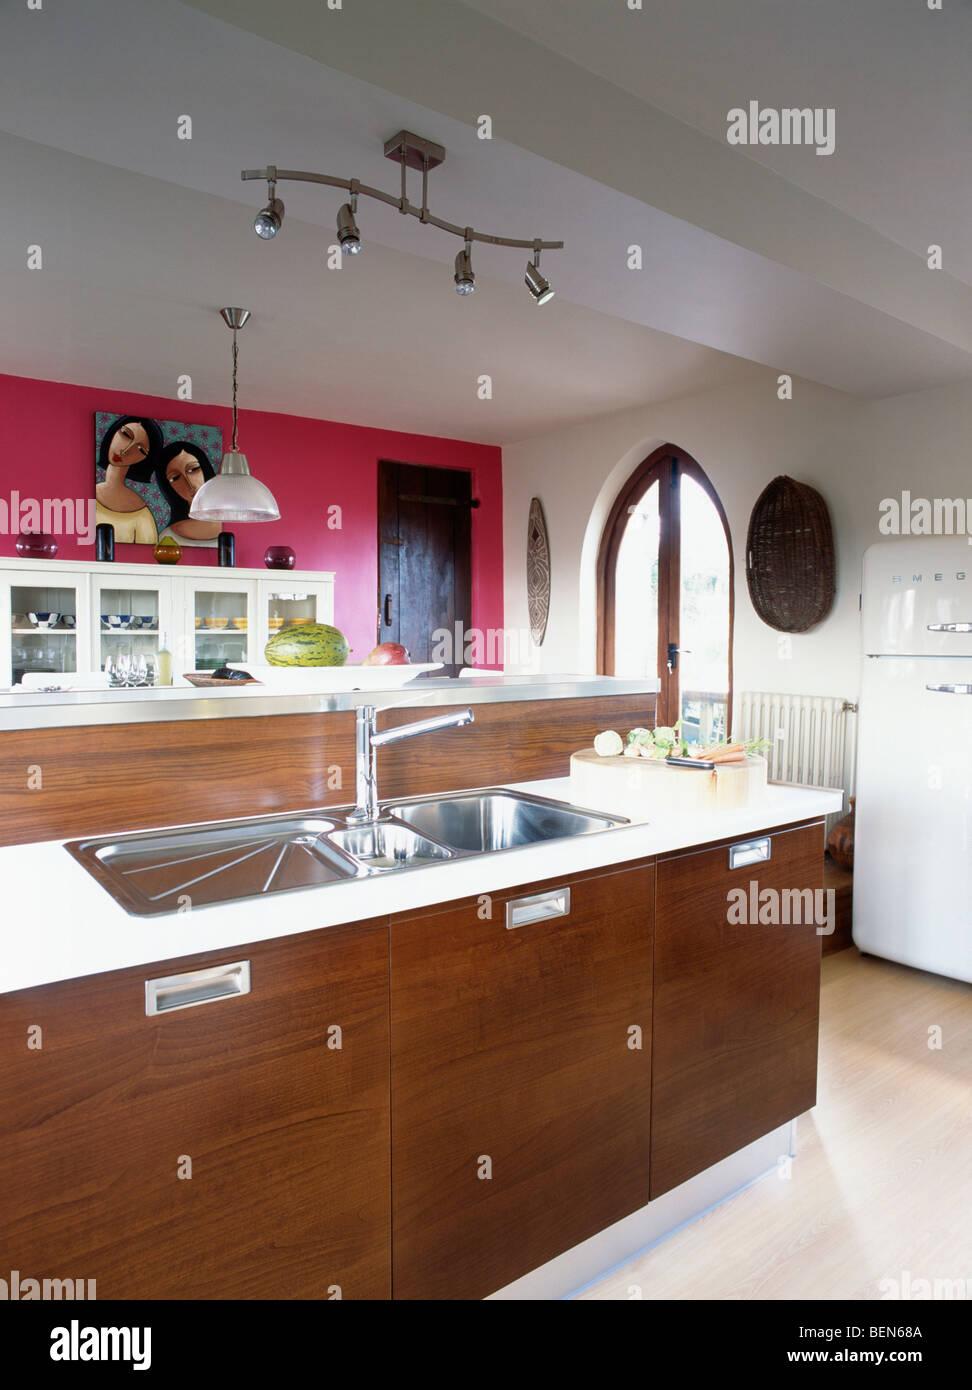 Moderne küchen mit insel an der wand  Doppelte Edelstahl versinkt im dunklen Holz Insel Einheit in ...